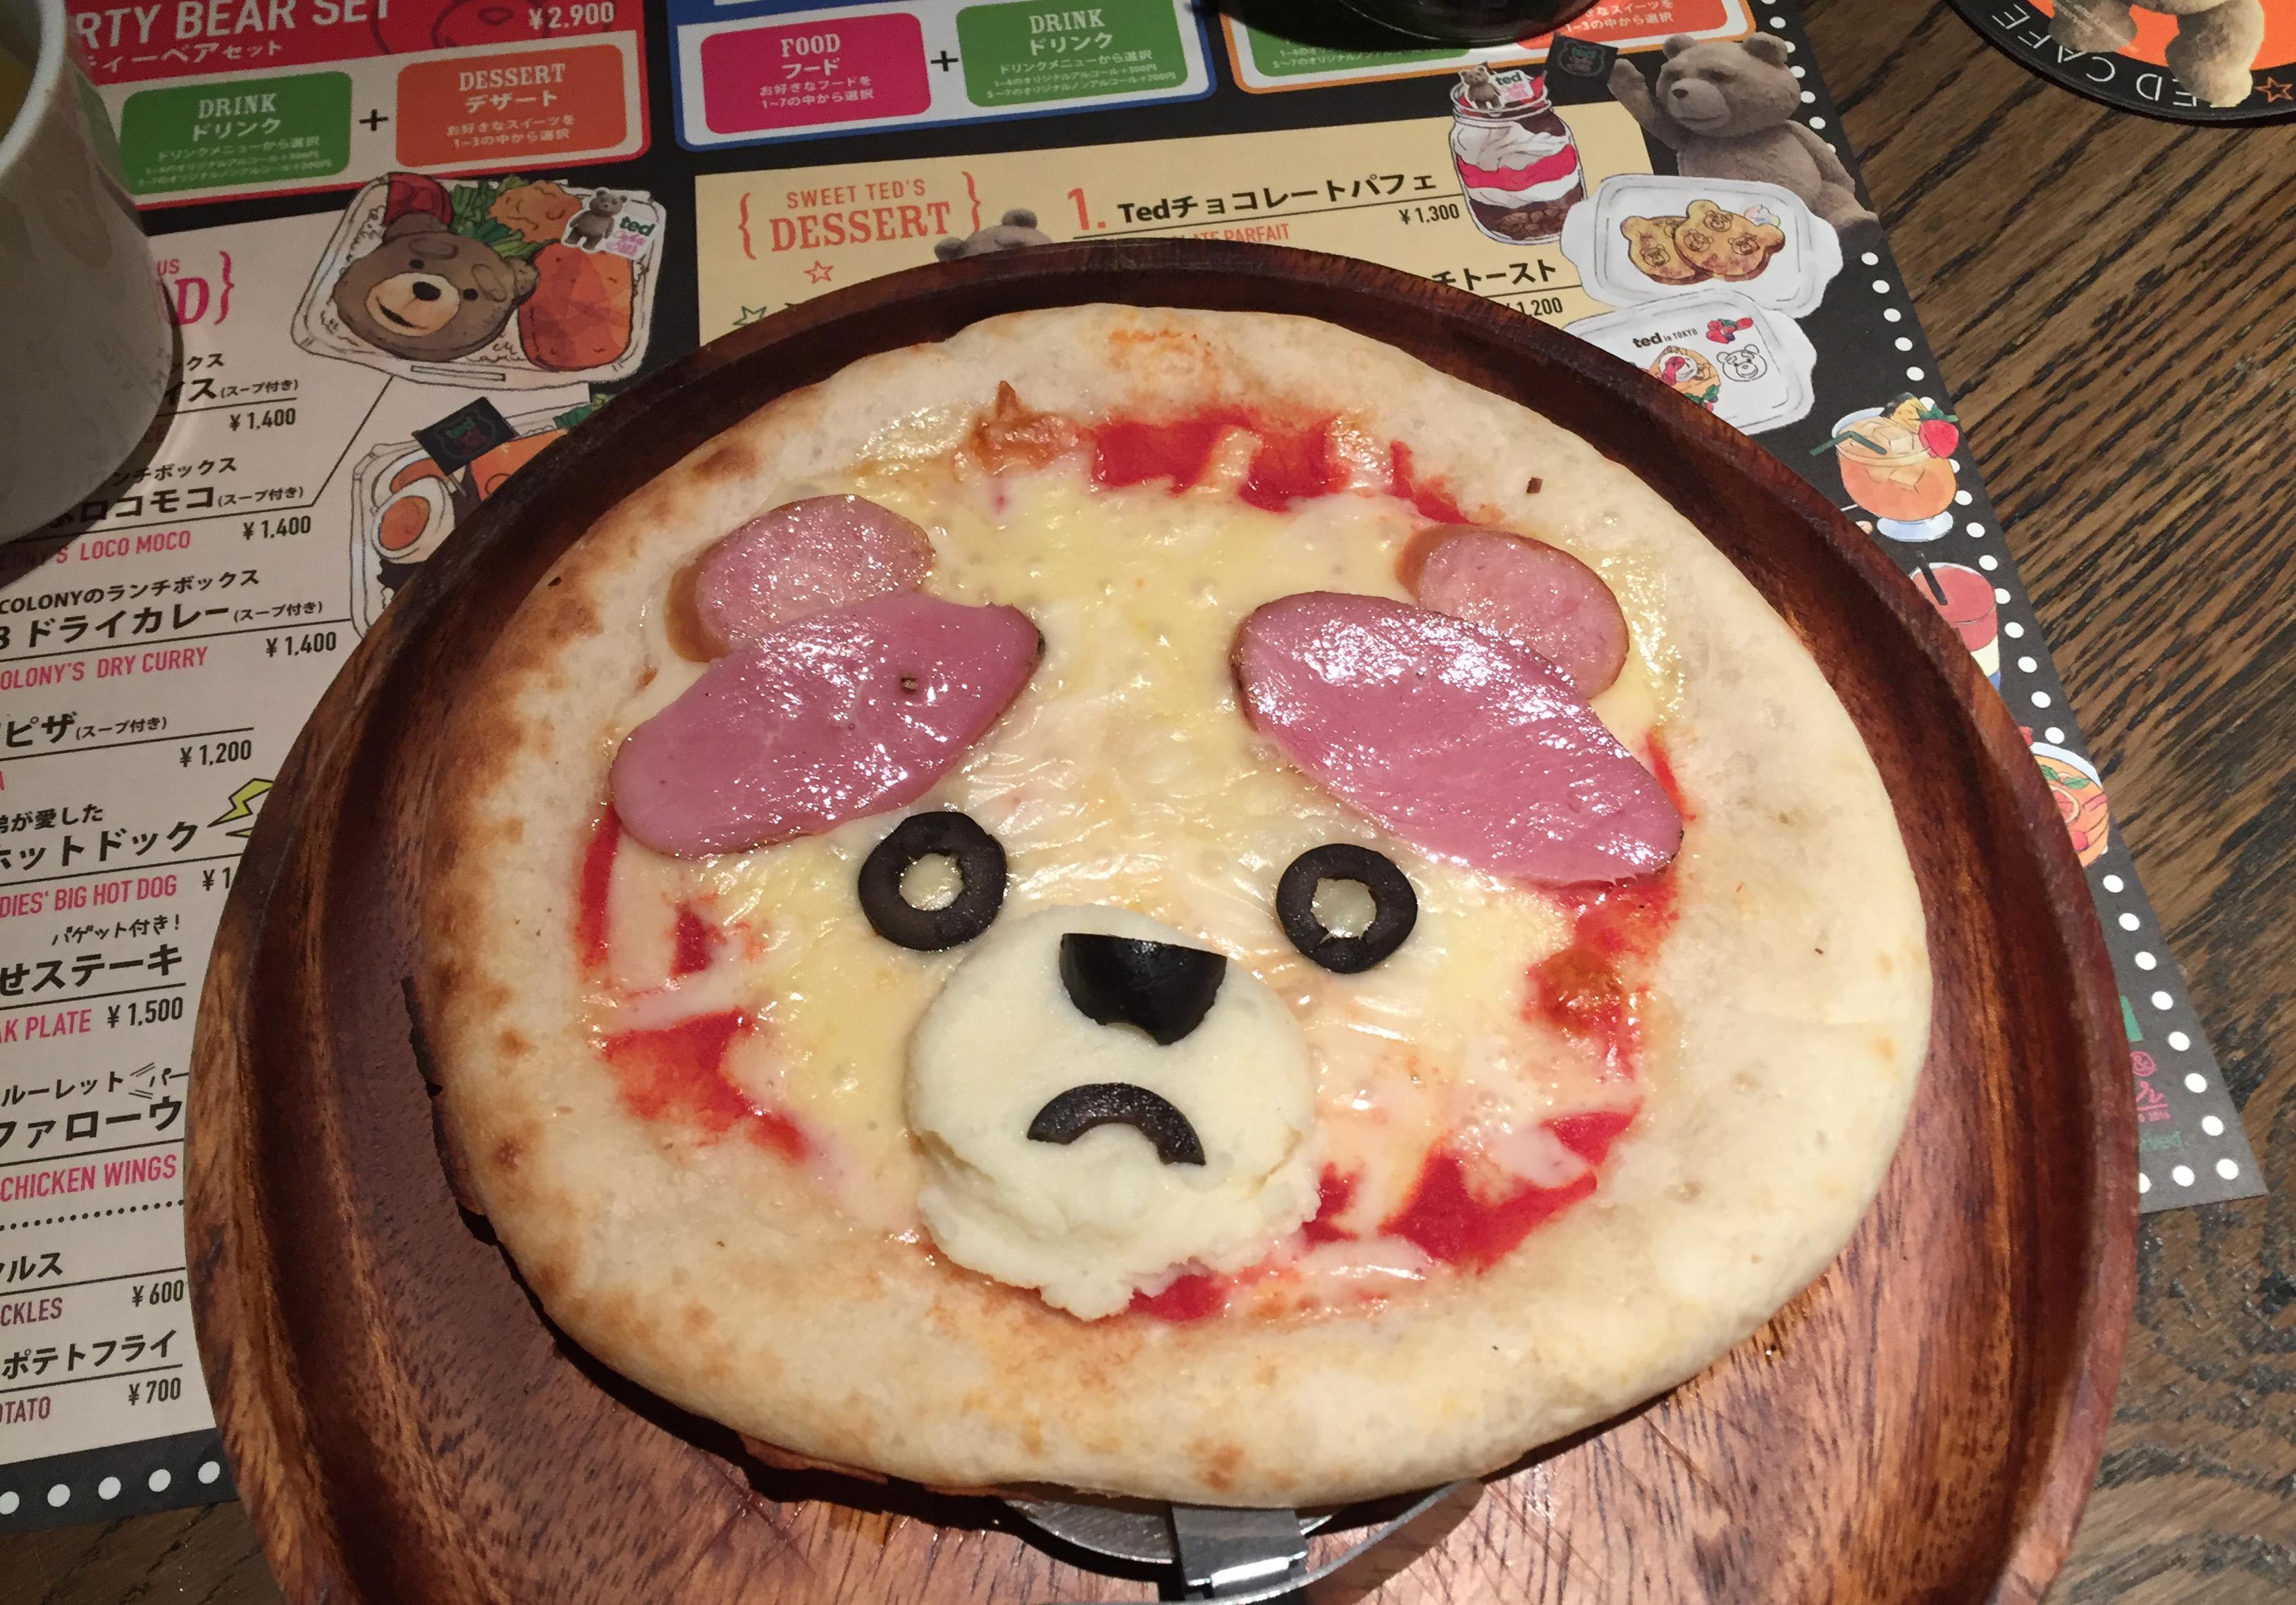 Inside the \'Ted\'-Themed Cafe Taking Over Japanese Social Media - Eater